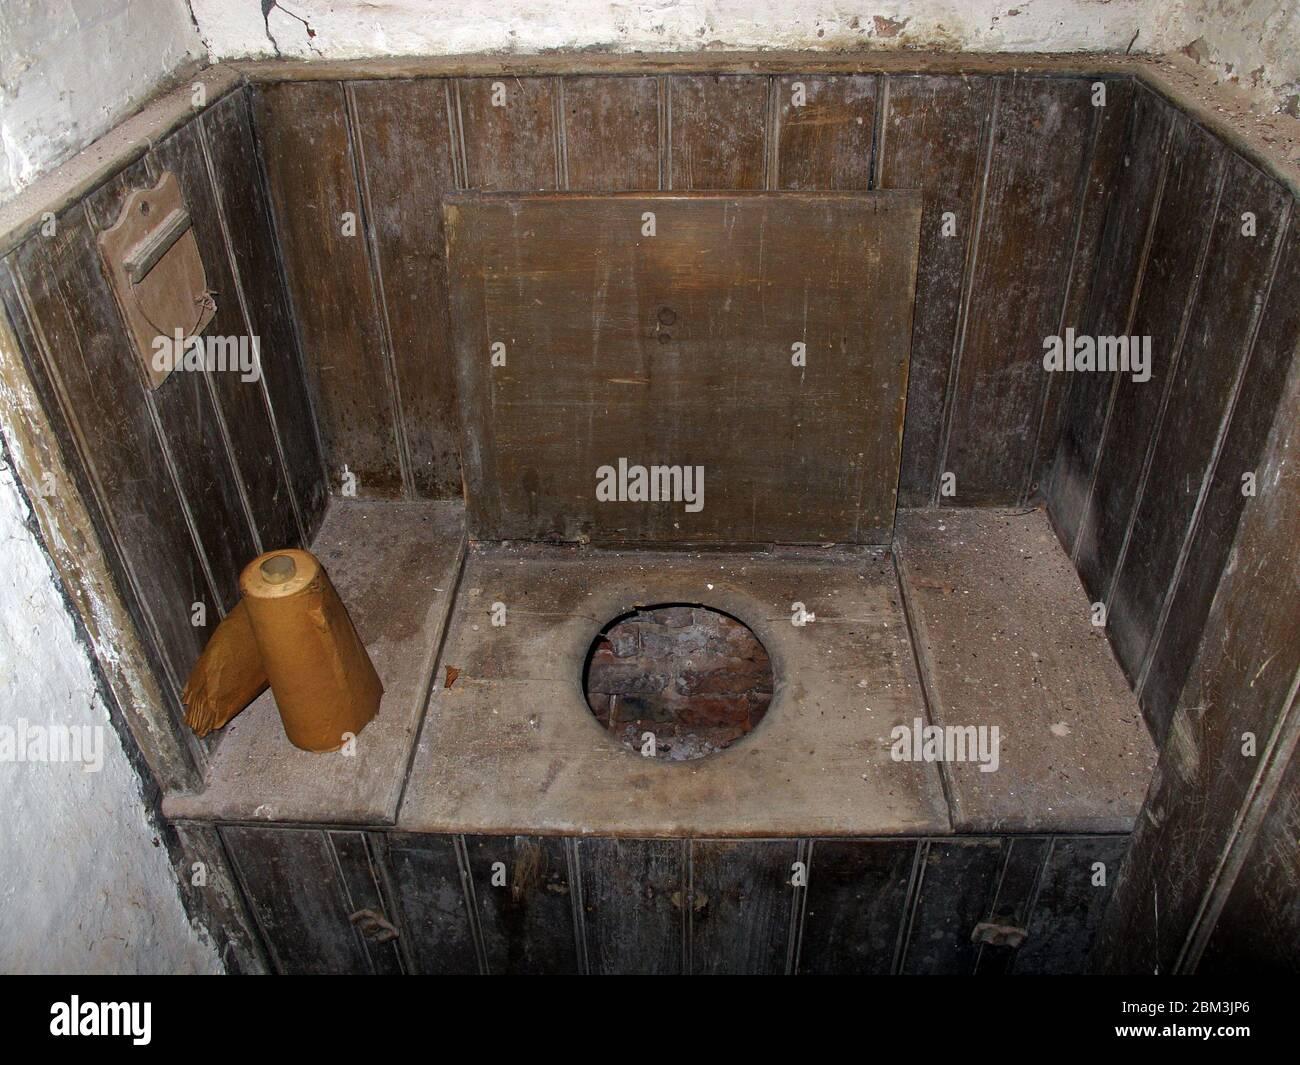 Dieses Stockfoto: Viktorianisches einfaches Holz privy Toilette, WC, Wasserschrank, mit Toilettenpapier - 2BM3JP